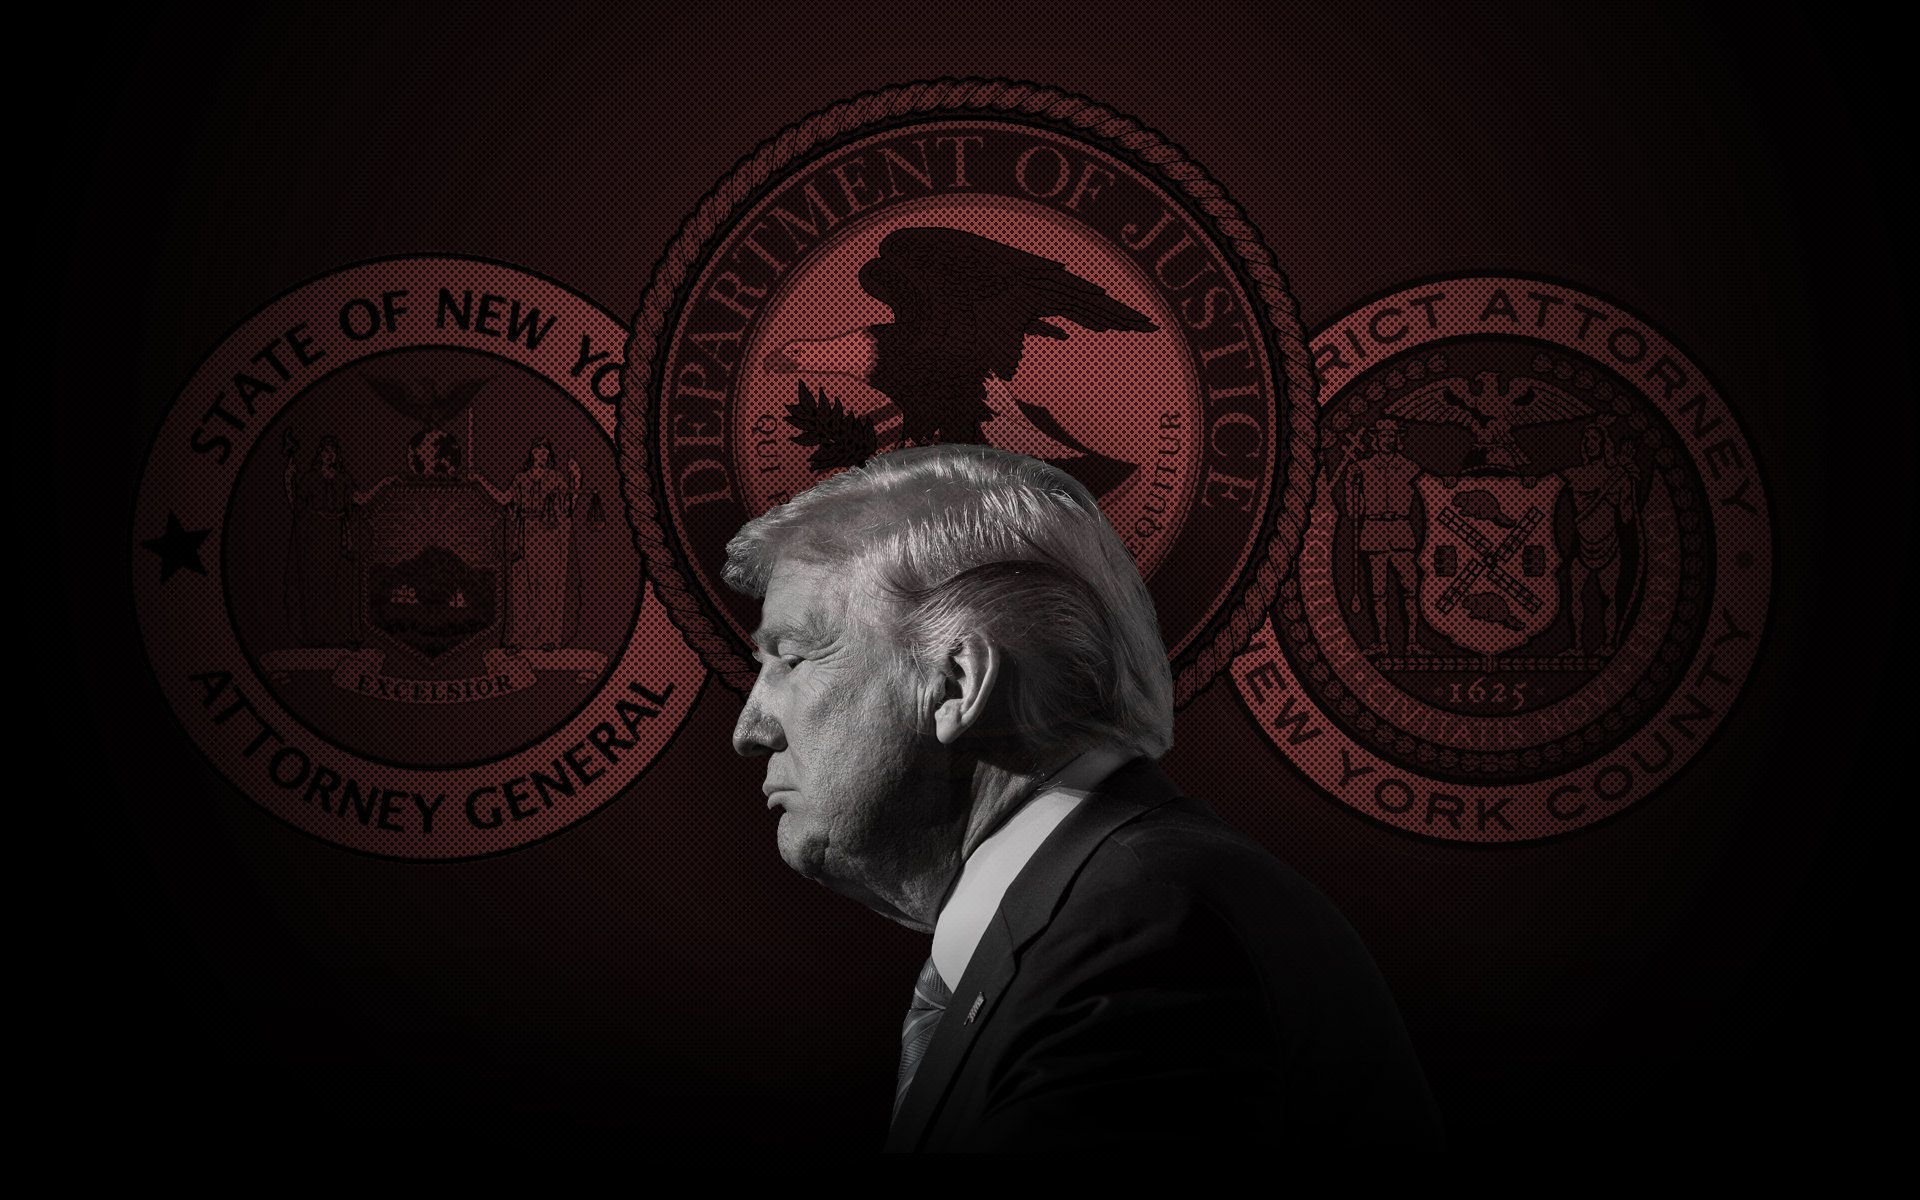 [총정리] 트럼프와 측근을 겨냥한 수사 진행상황을 모아봤다